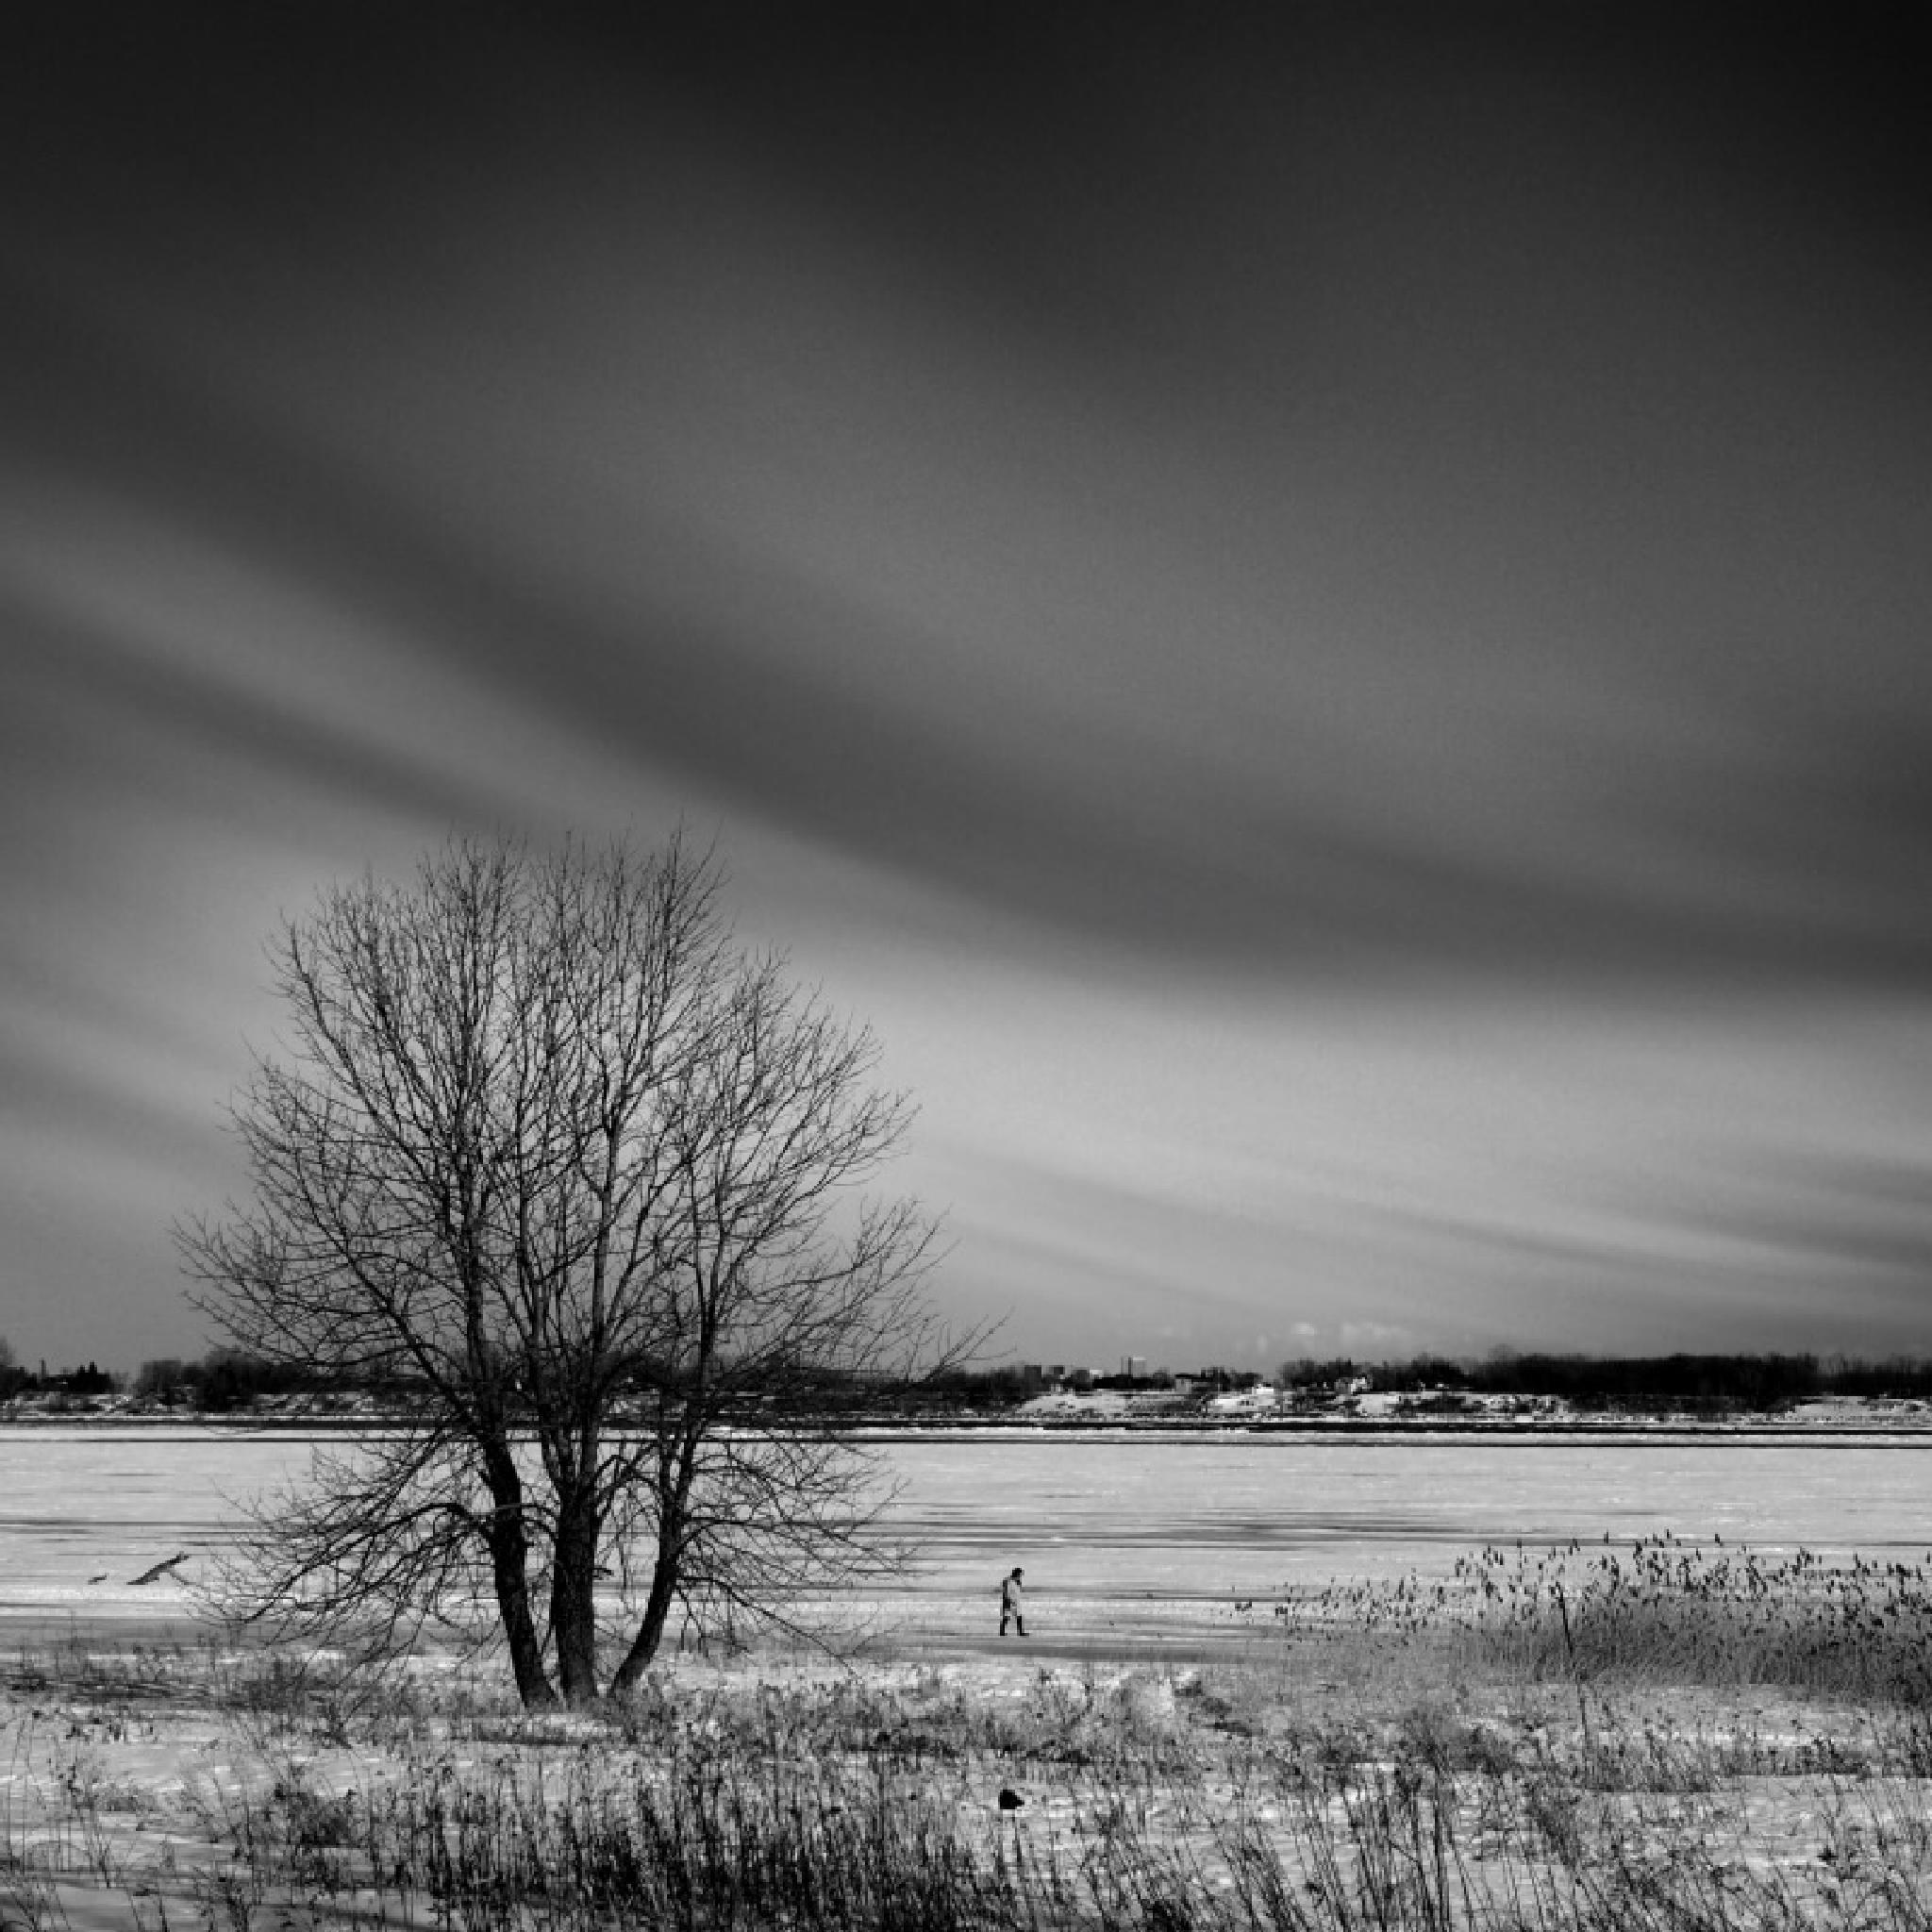 Walking on ice by tikotak2014